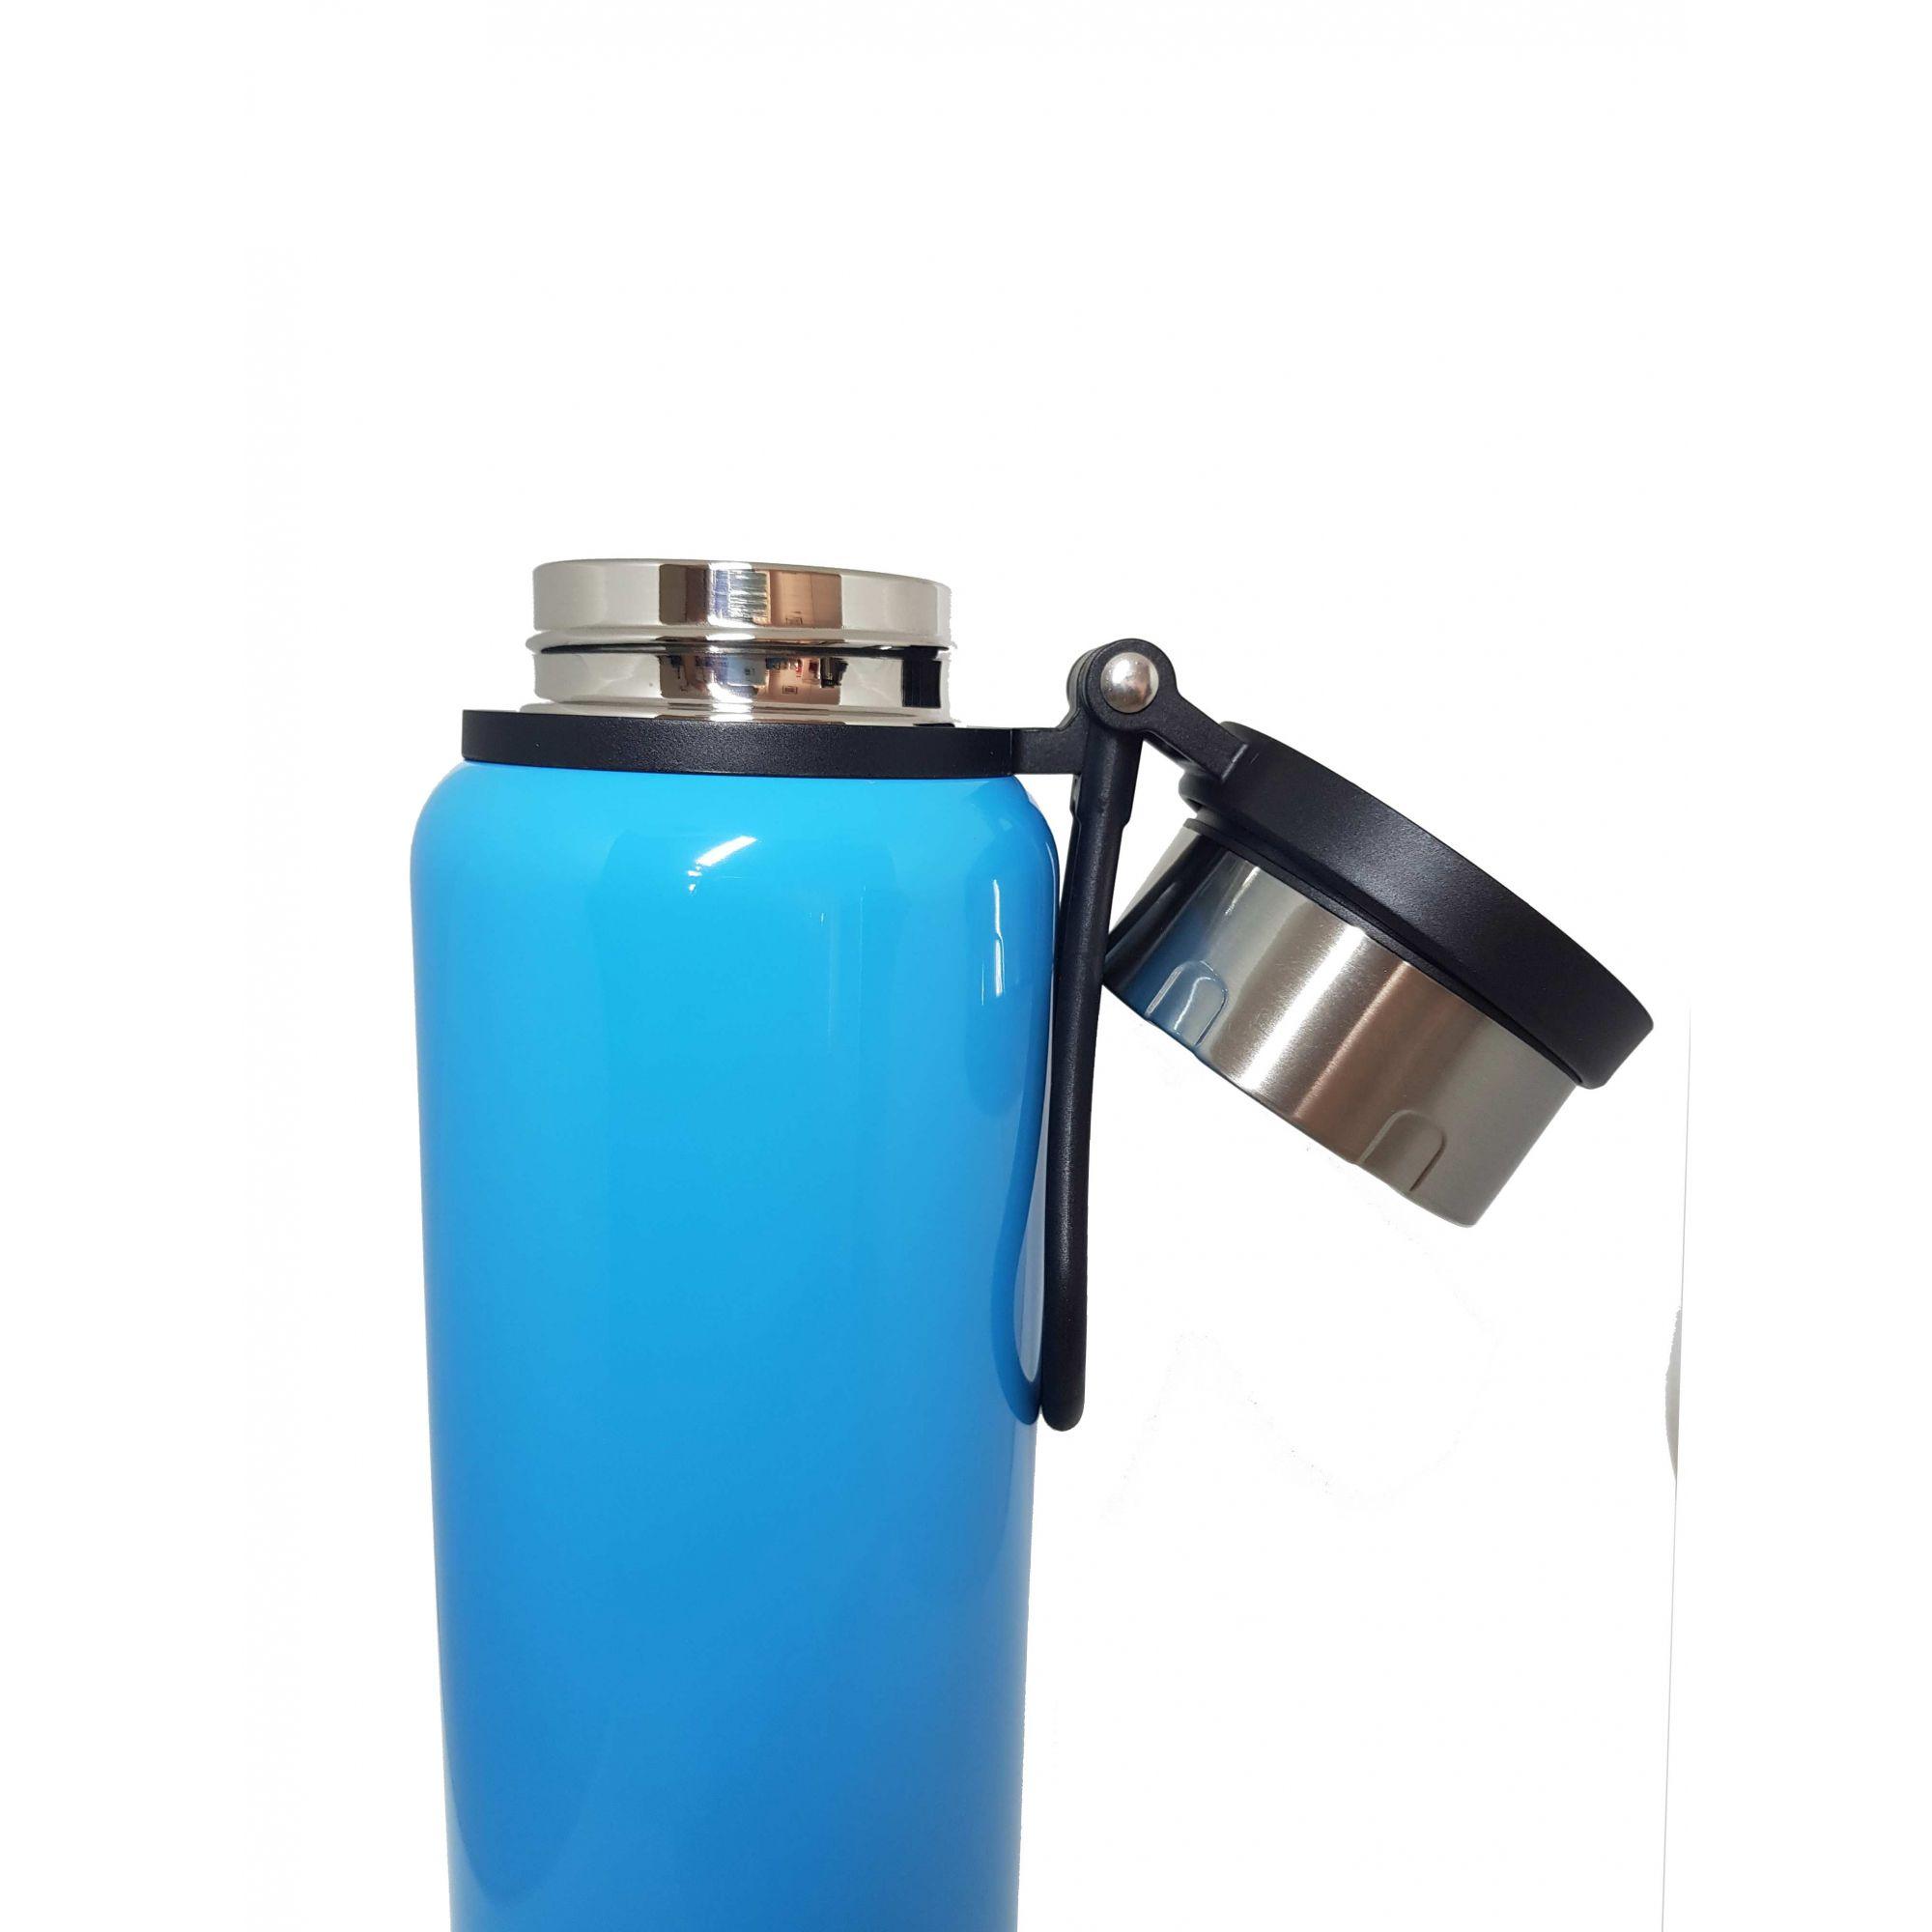 Garrafa Térmica de Inox - 1,2L - Azul